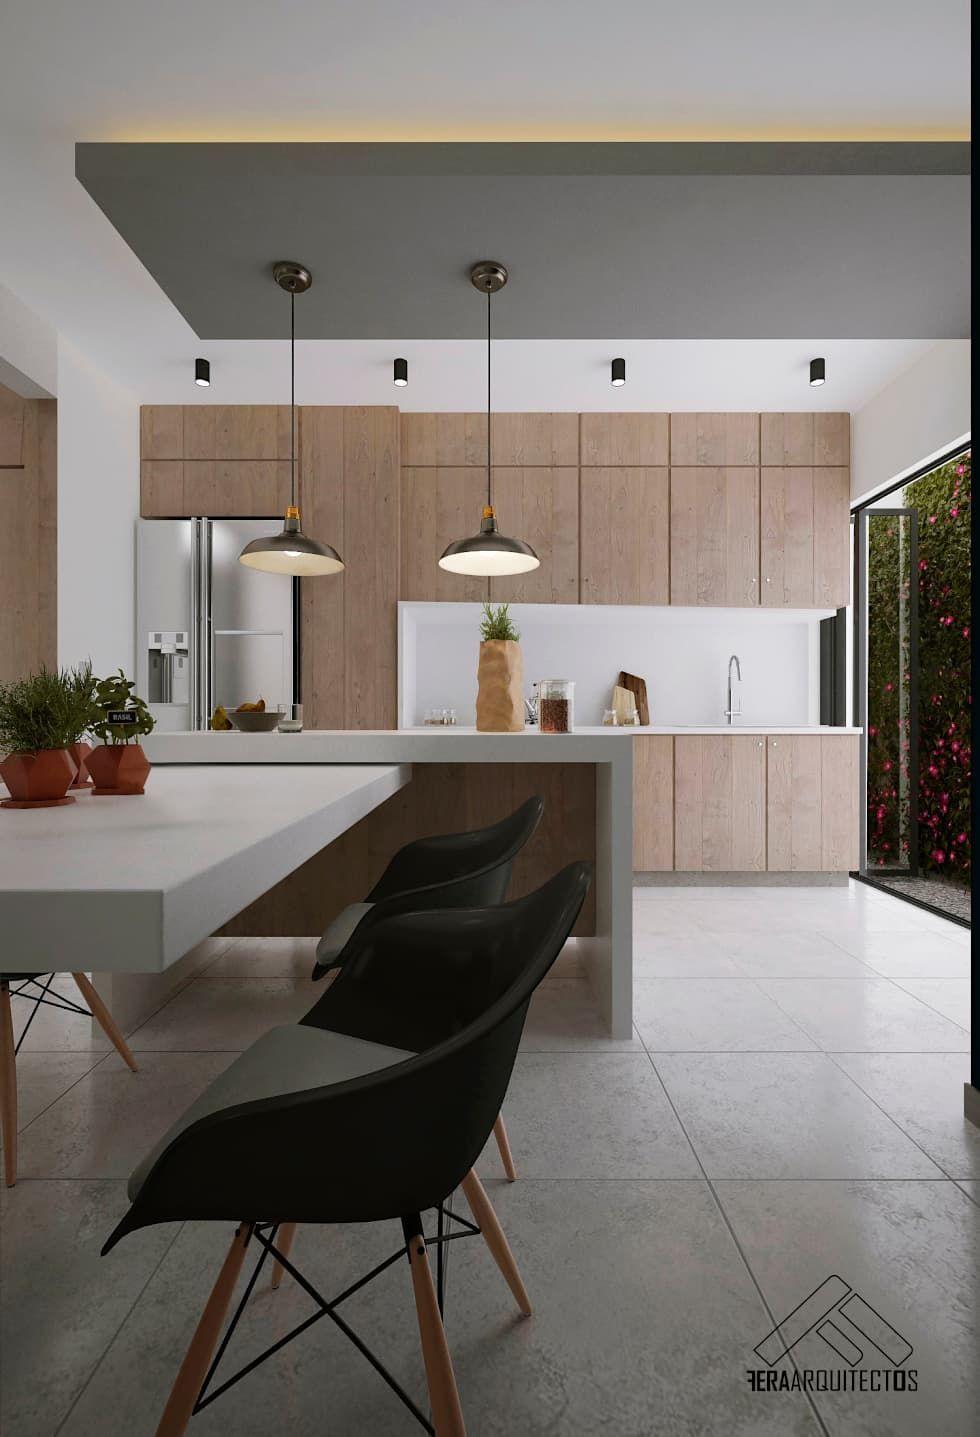 Cocina comedor cocinas de estilo minimalista por for Comedor estilo minimalista